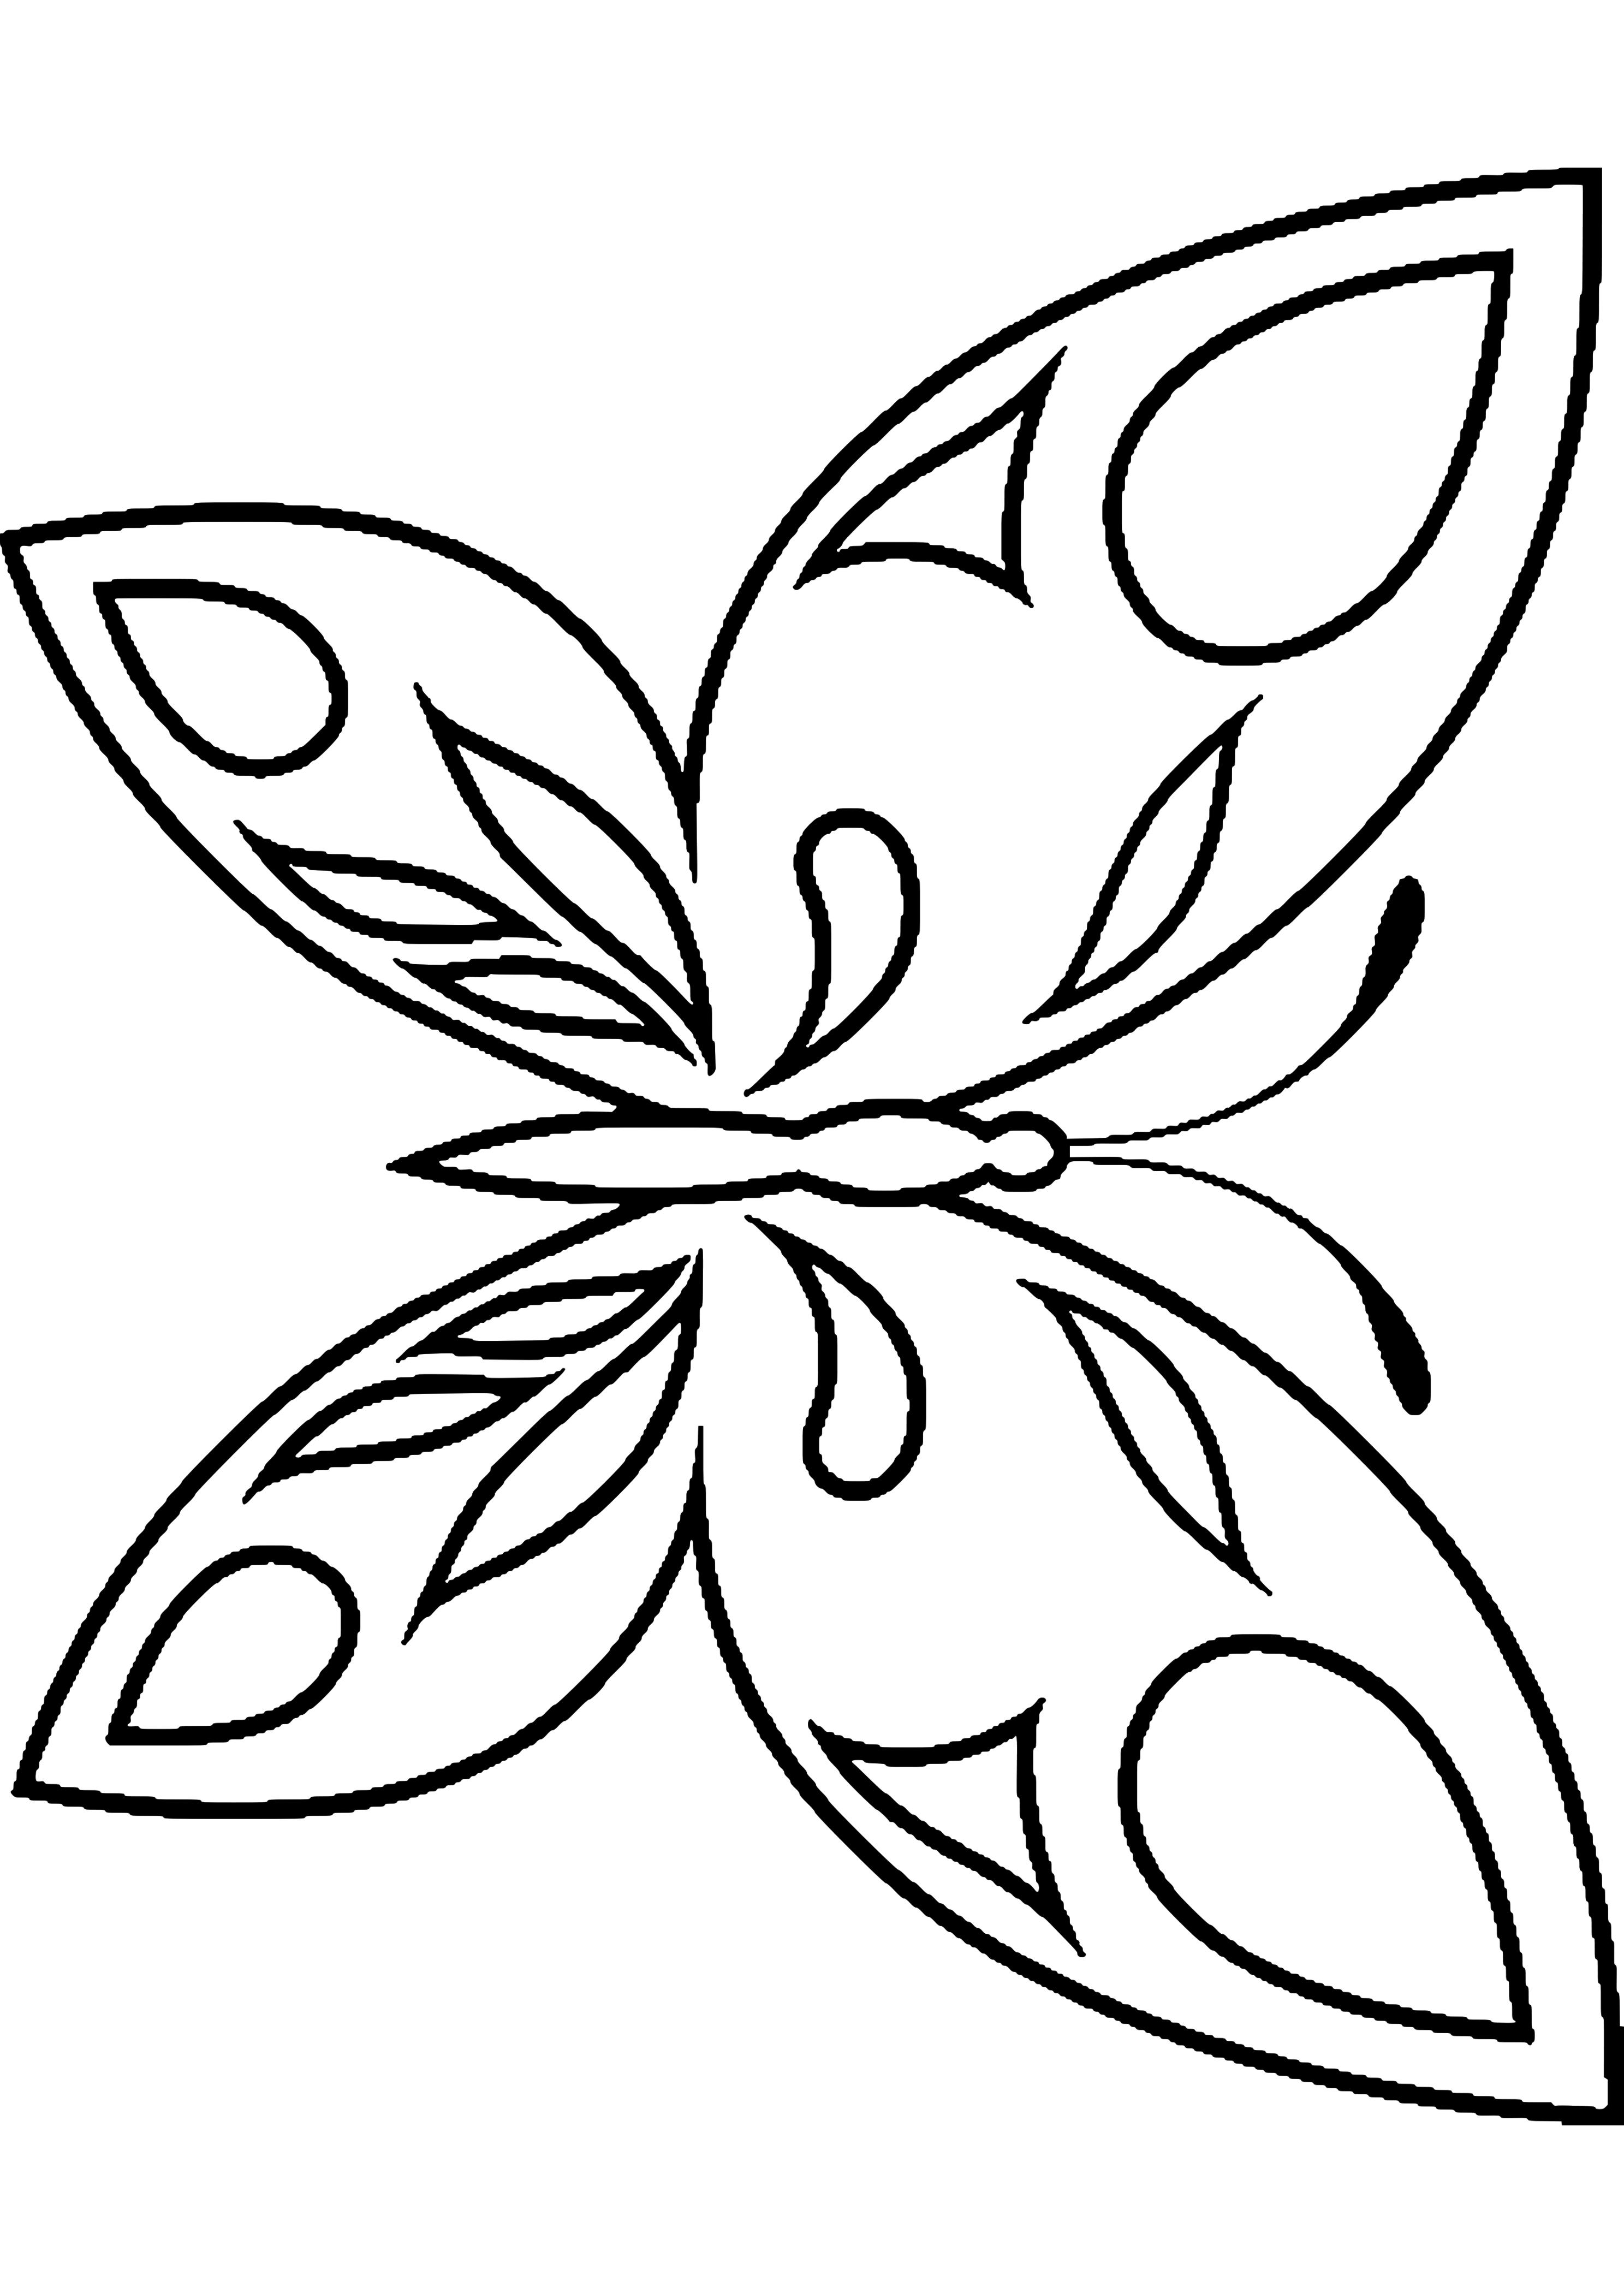 Ausmalbilder Schmetterling Vorlagen Schmetterling Fensterdeko In 2020 Schmetterling Vorlage Ausmalbilder Schmetterling Schmetterling Ausmalen